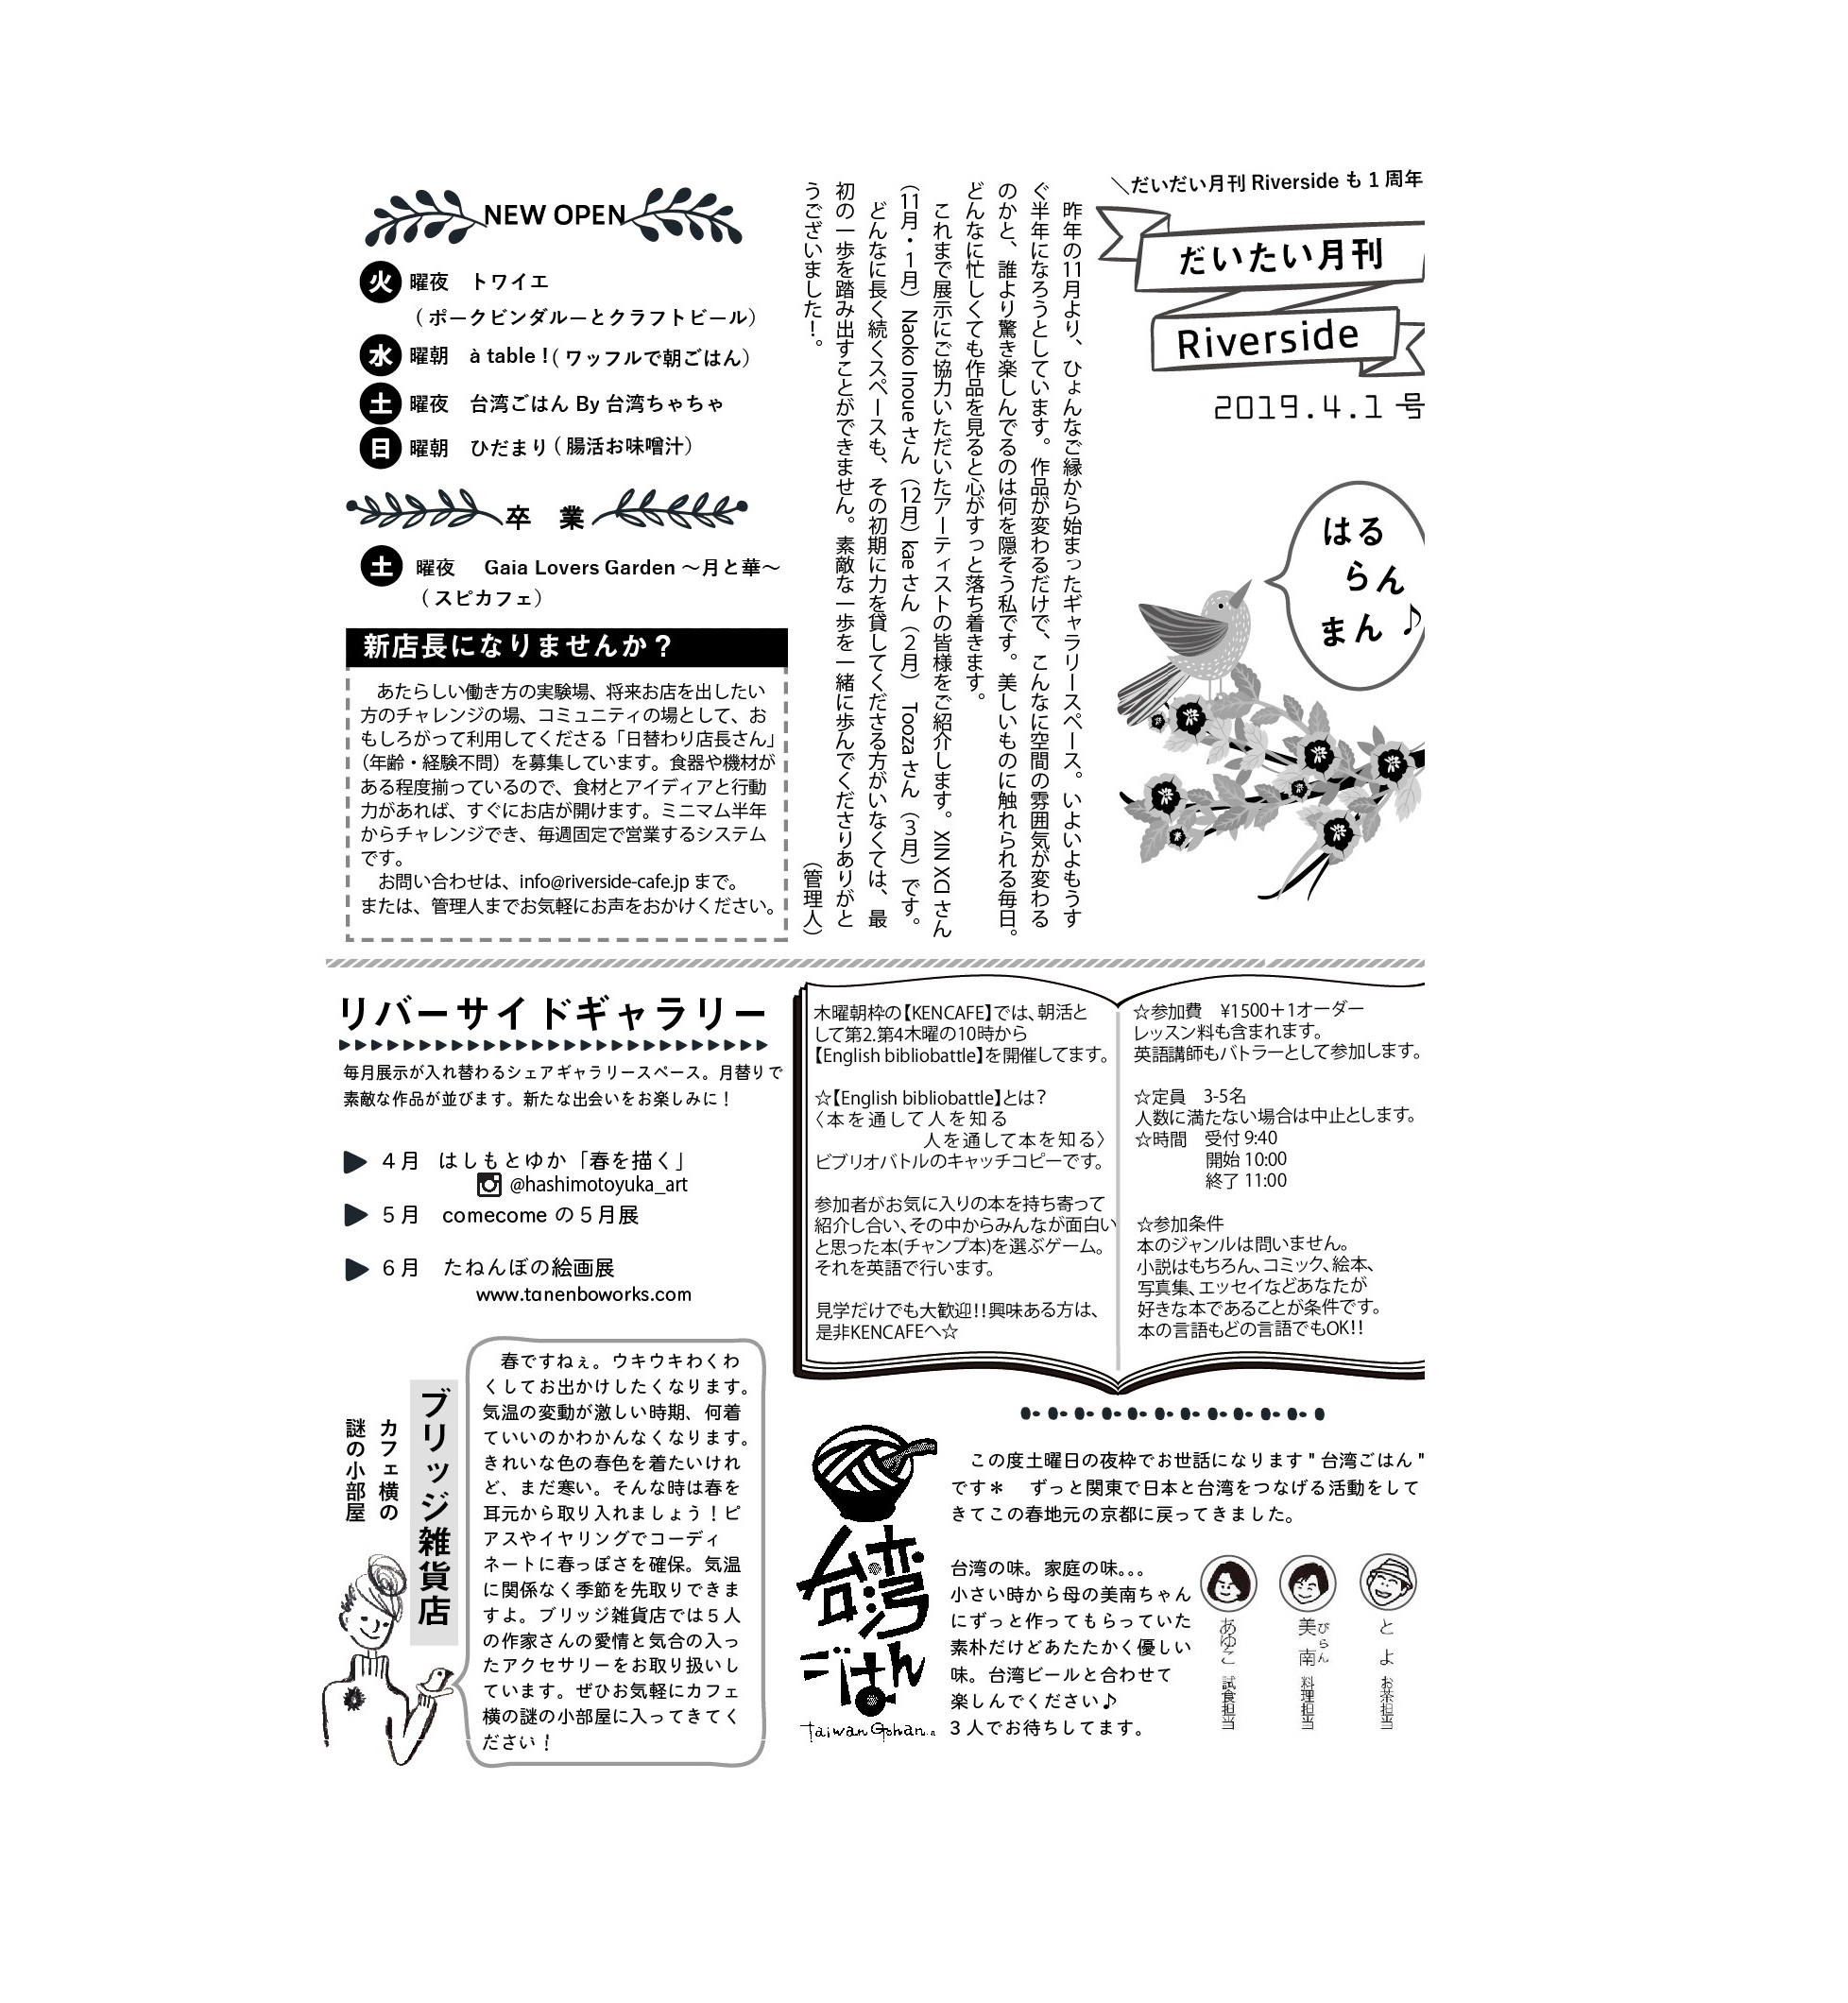 だいたい月刊リバーサイド2019.4.1号